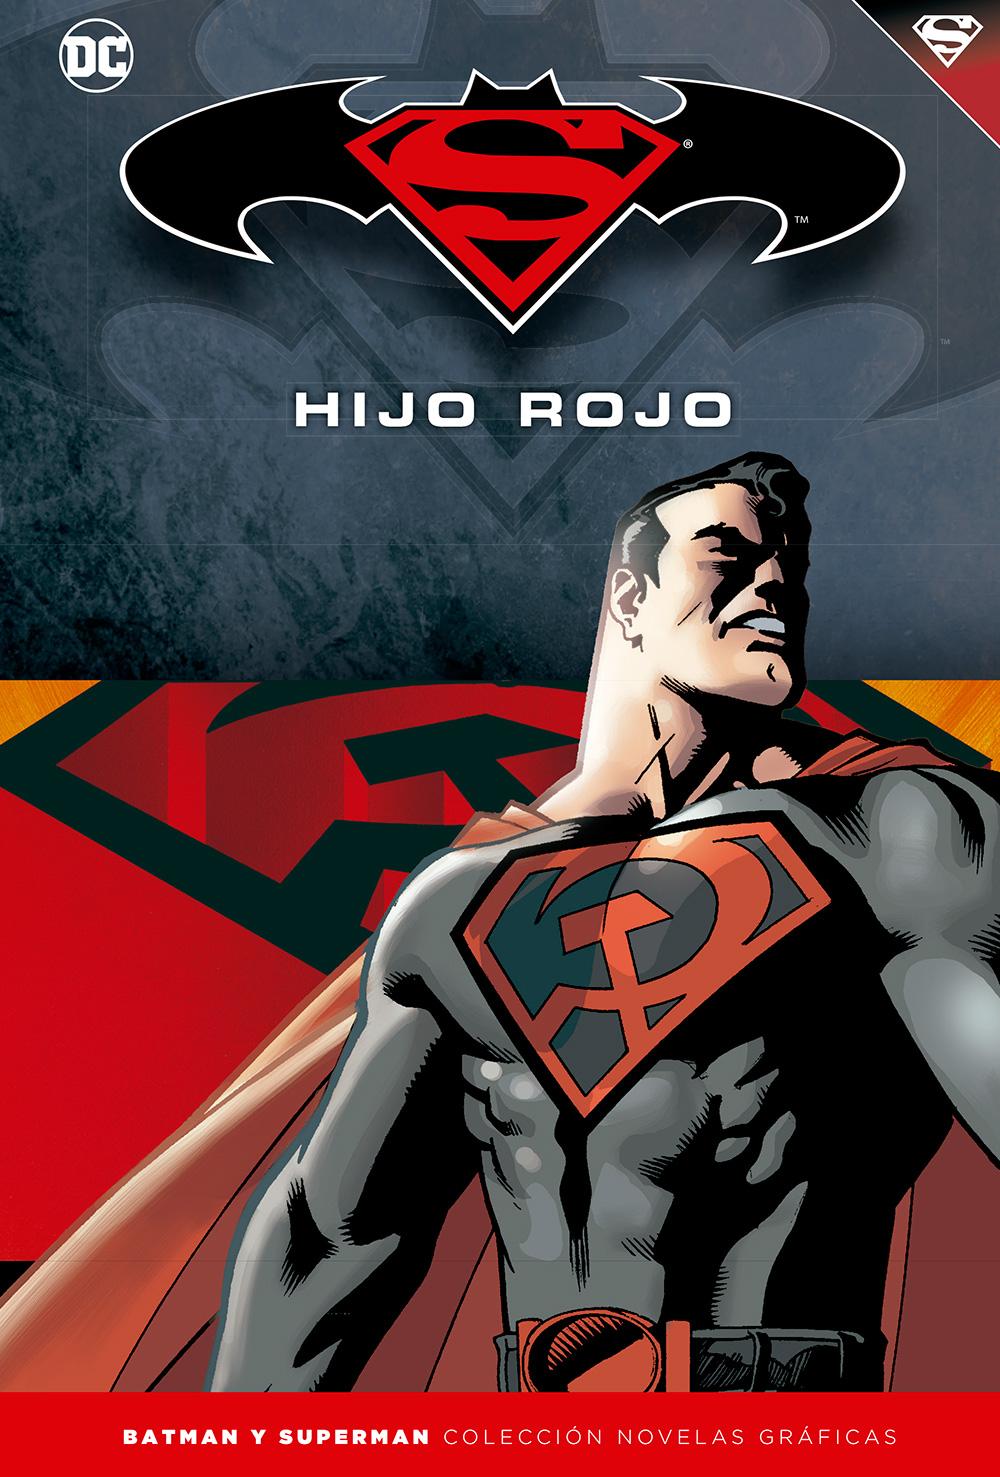 1-5 - [DC - Salvat] Batman y Superman: Colección Novelas Gráficas - Página 2 Portada_BMSM_2_HijoRojo